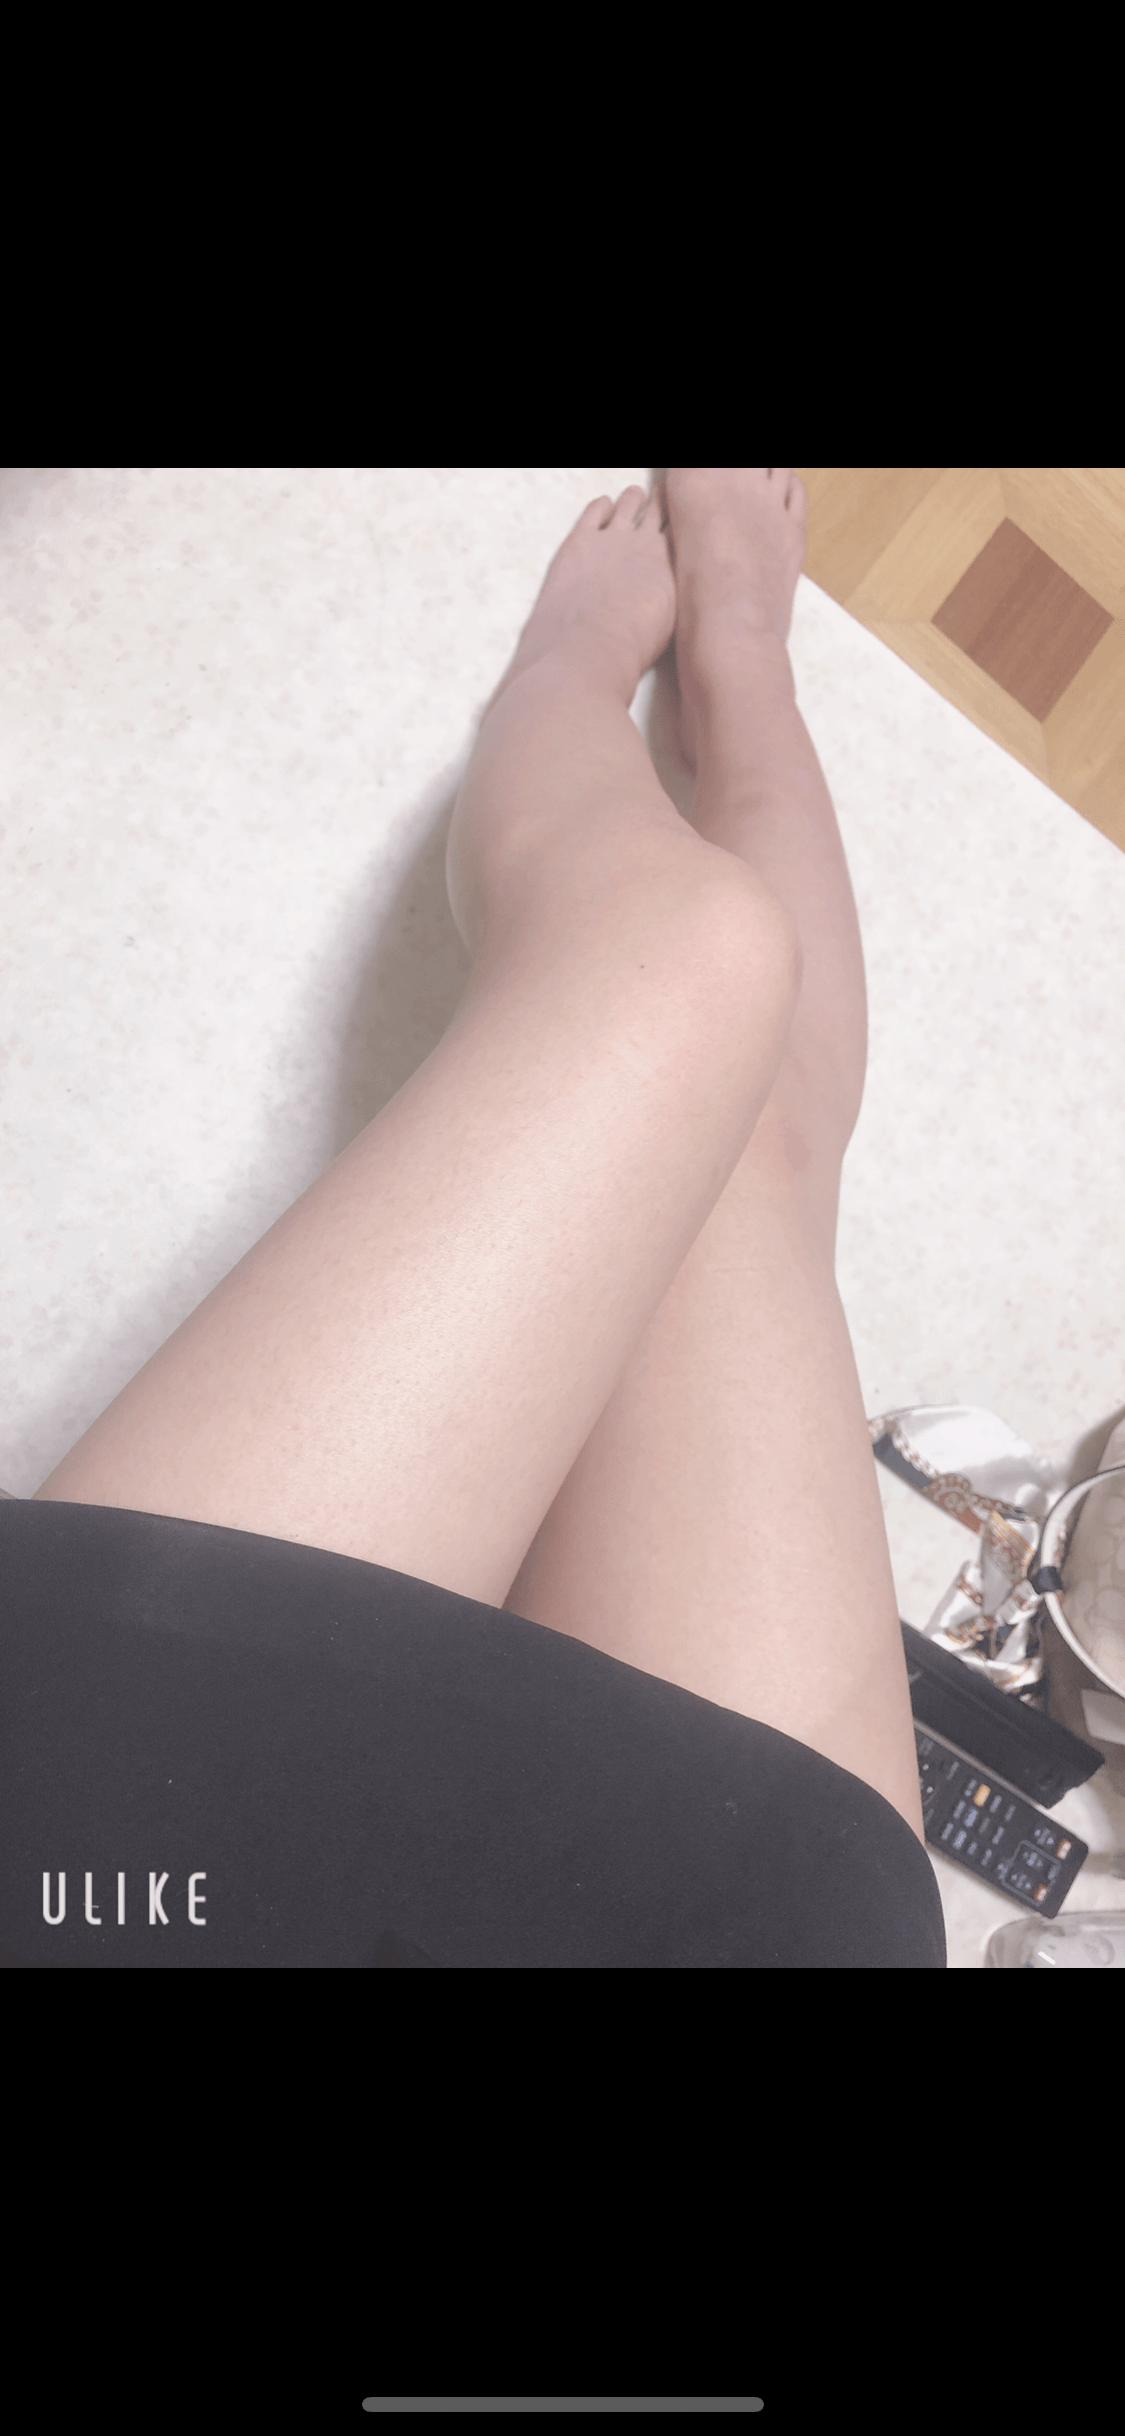 「おはようございます」09/24(木) 08:42   美咲 絢の写メ・風俗動画